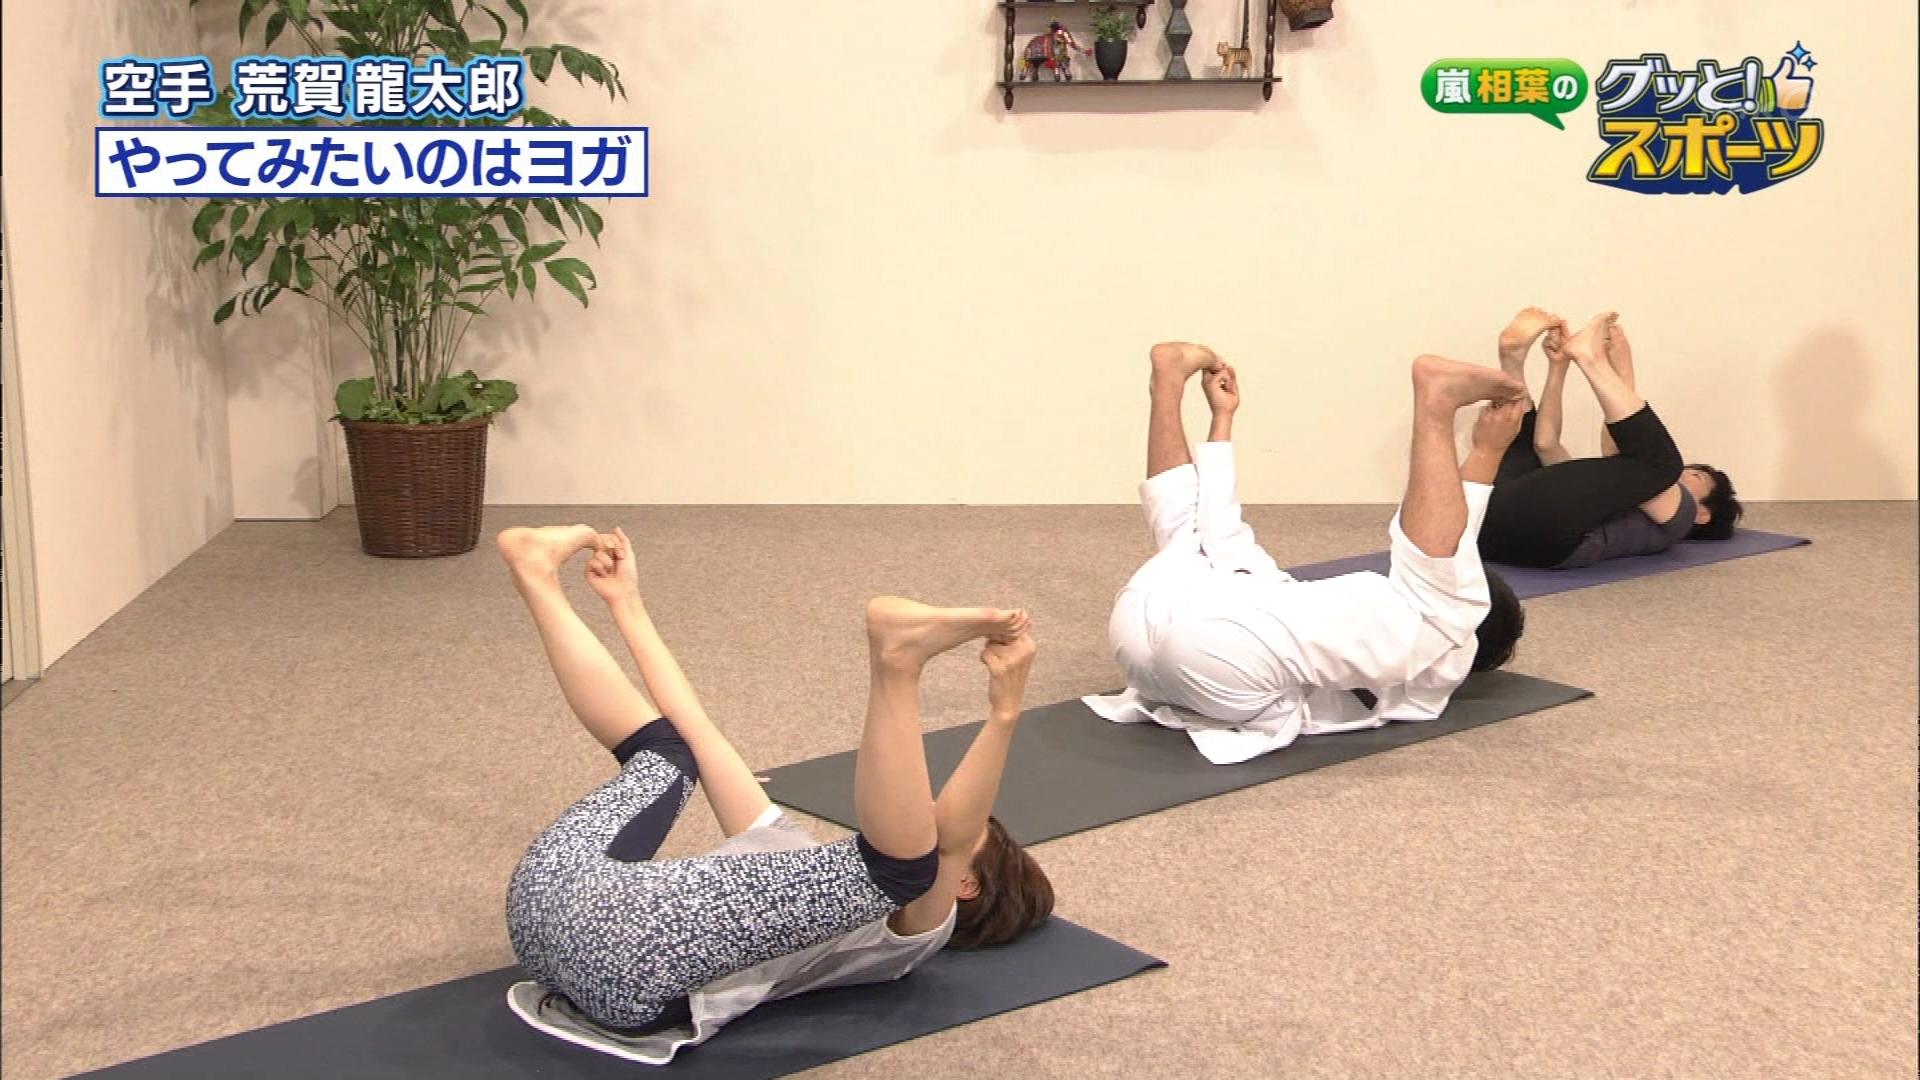 テレビエロシーンまとめ10